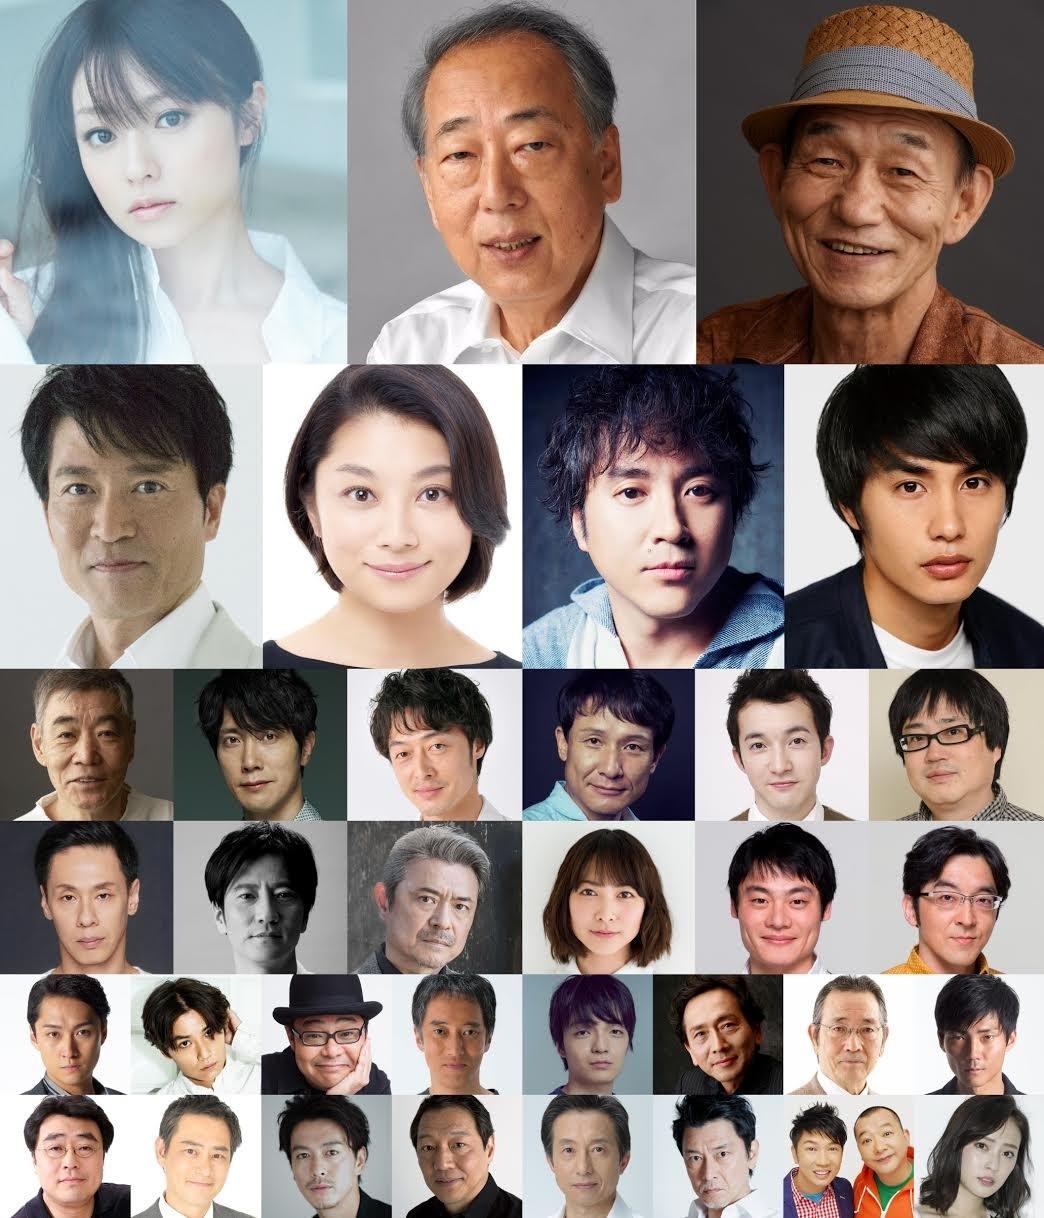 『空飛ぶタイヤ』に出演する37名の俳優陣